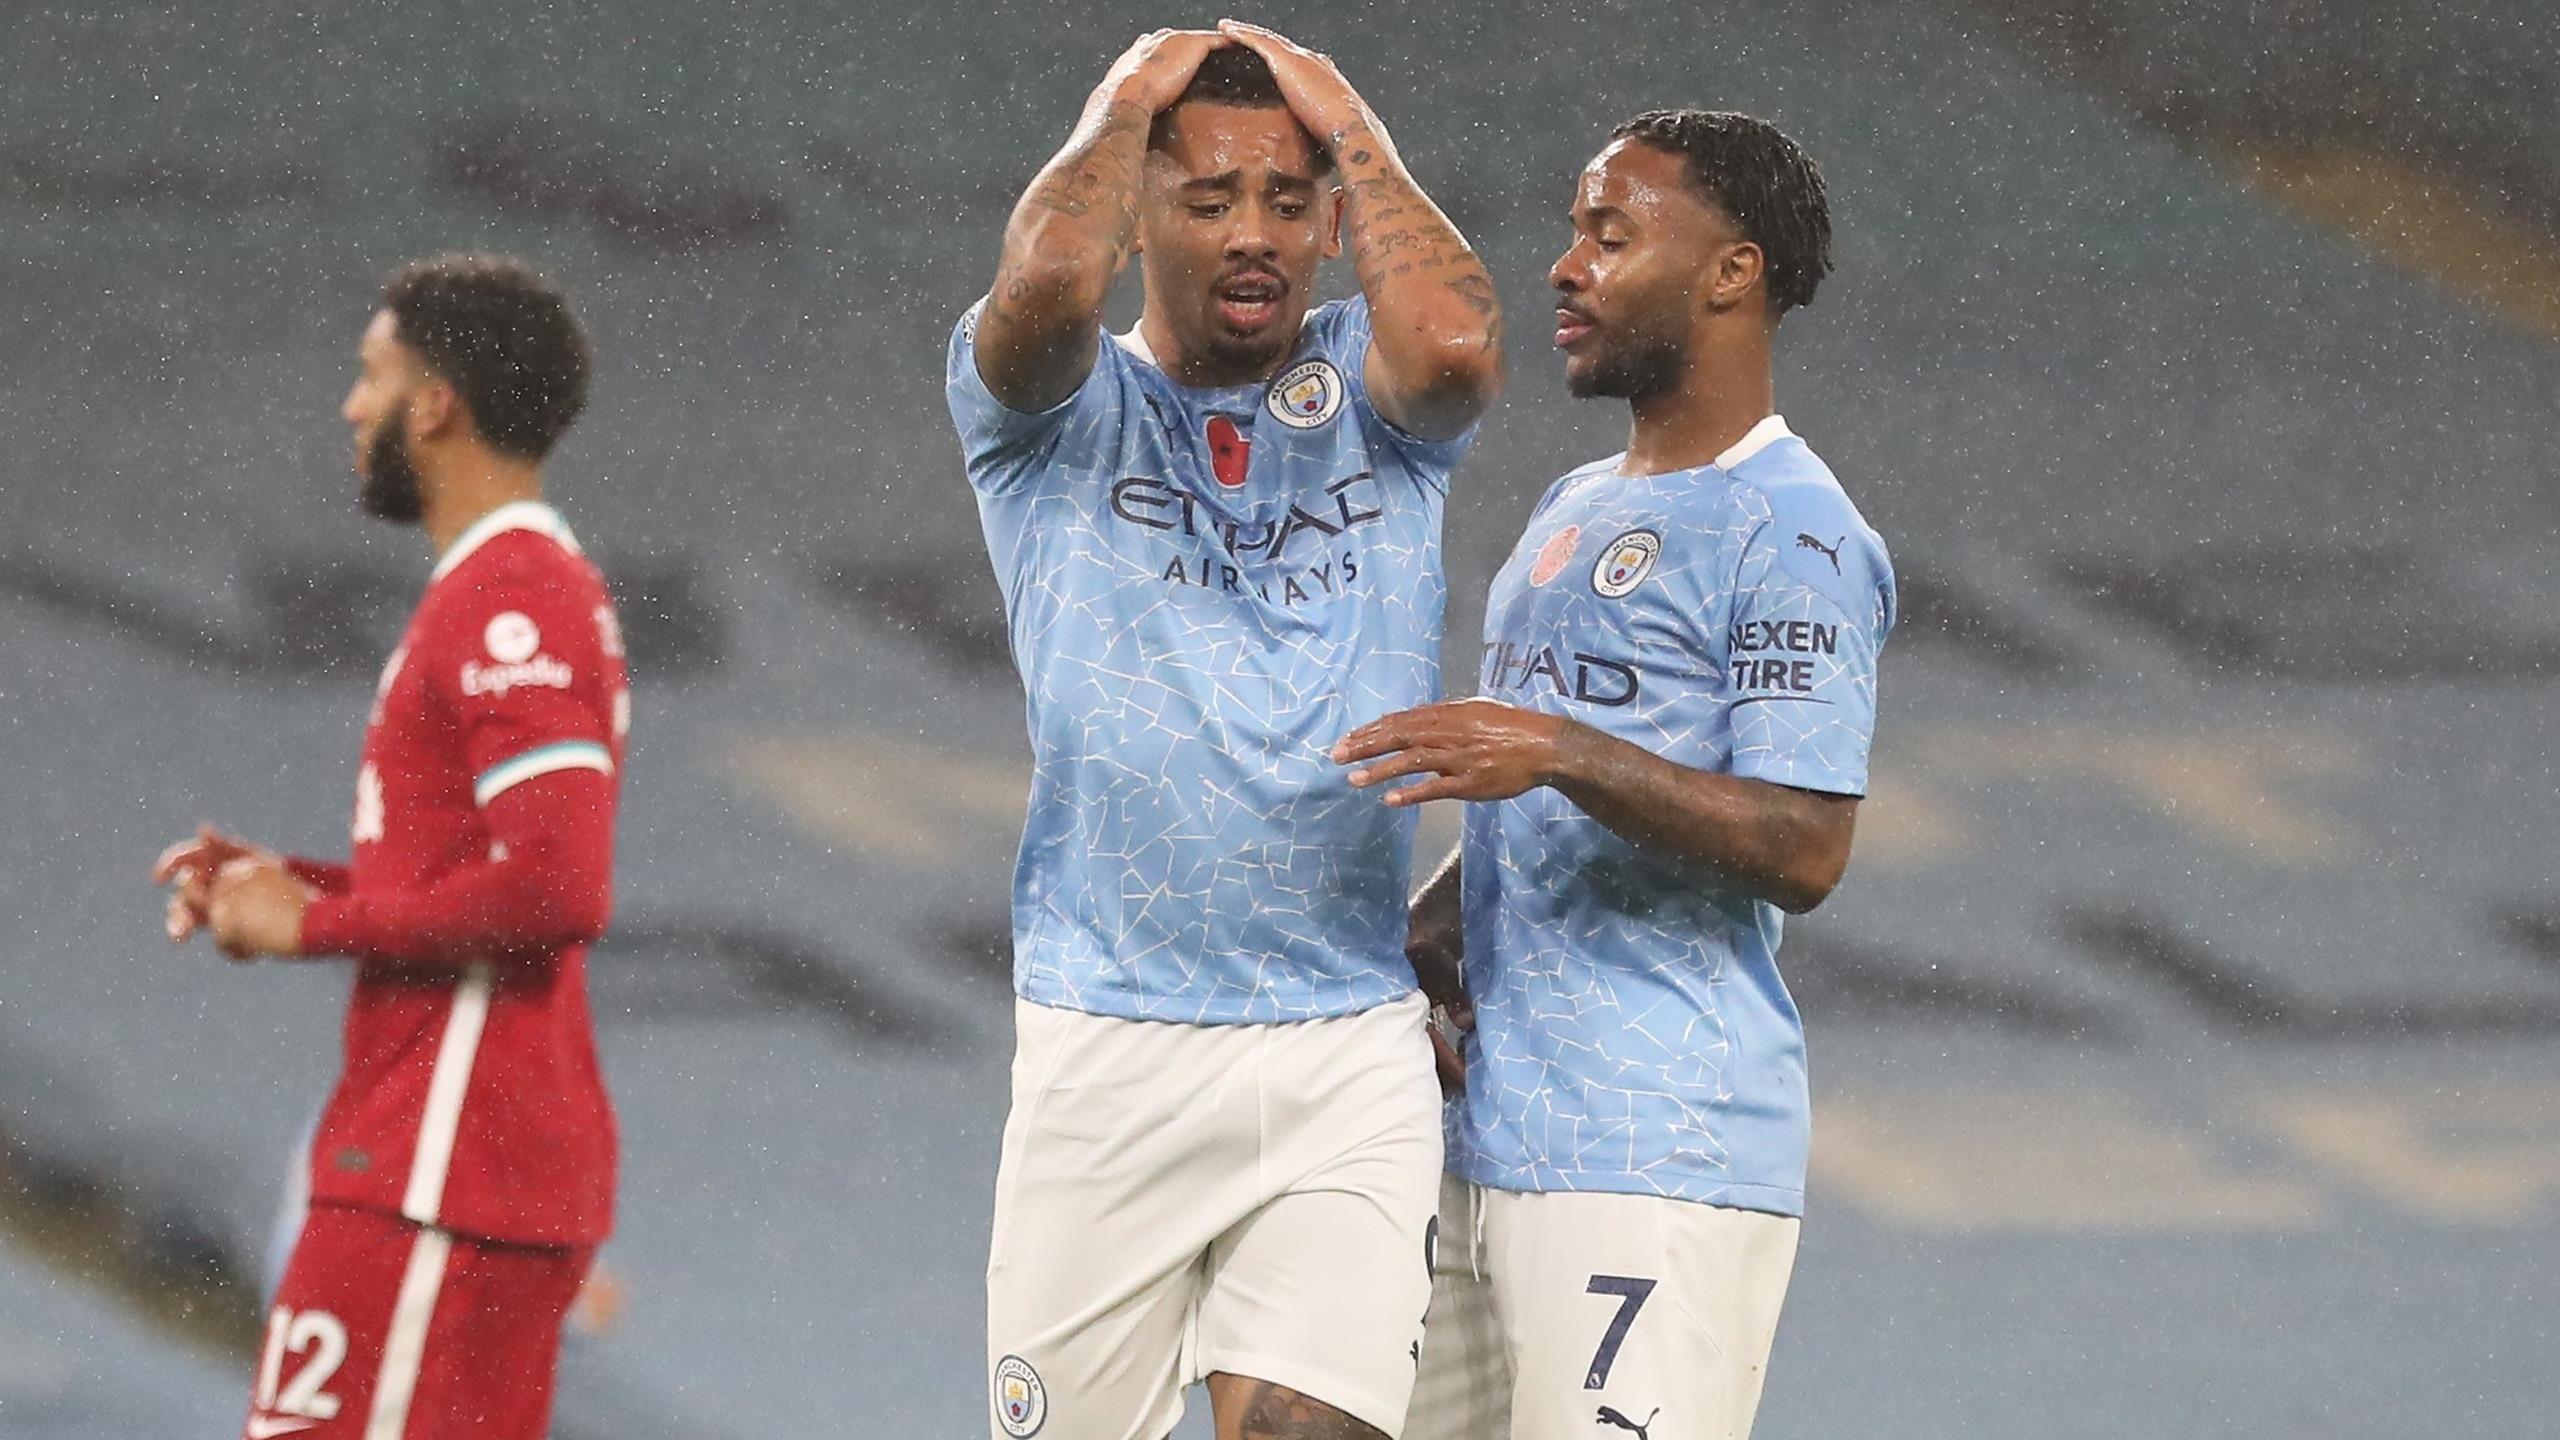 Jesus et Walker positifs au Covid à Manchester City avant le Boxing Day